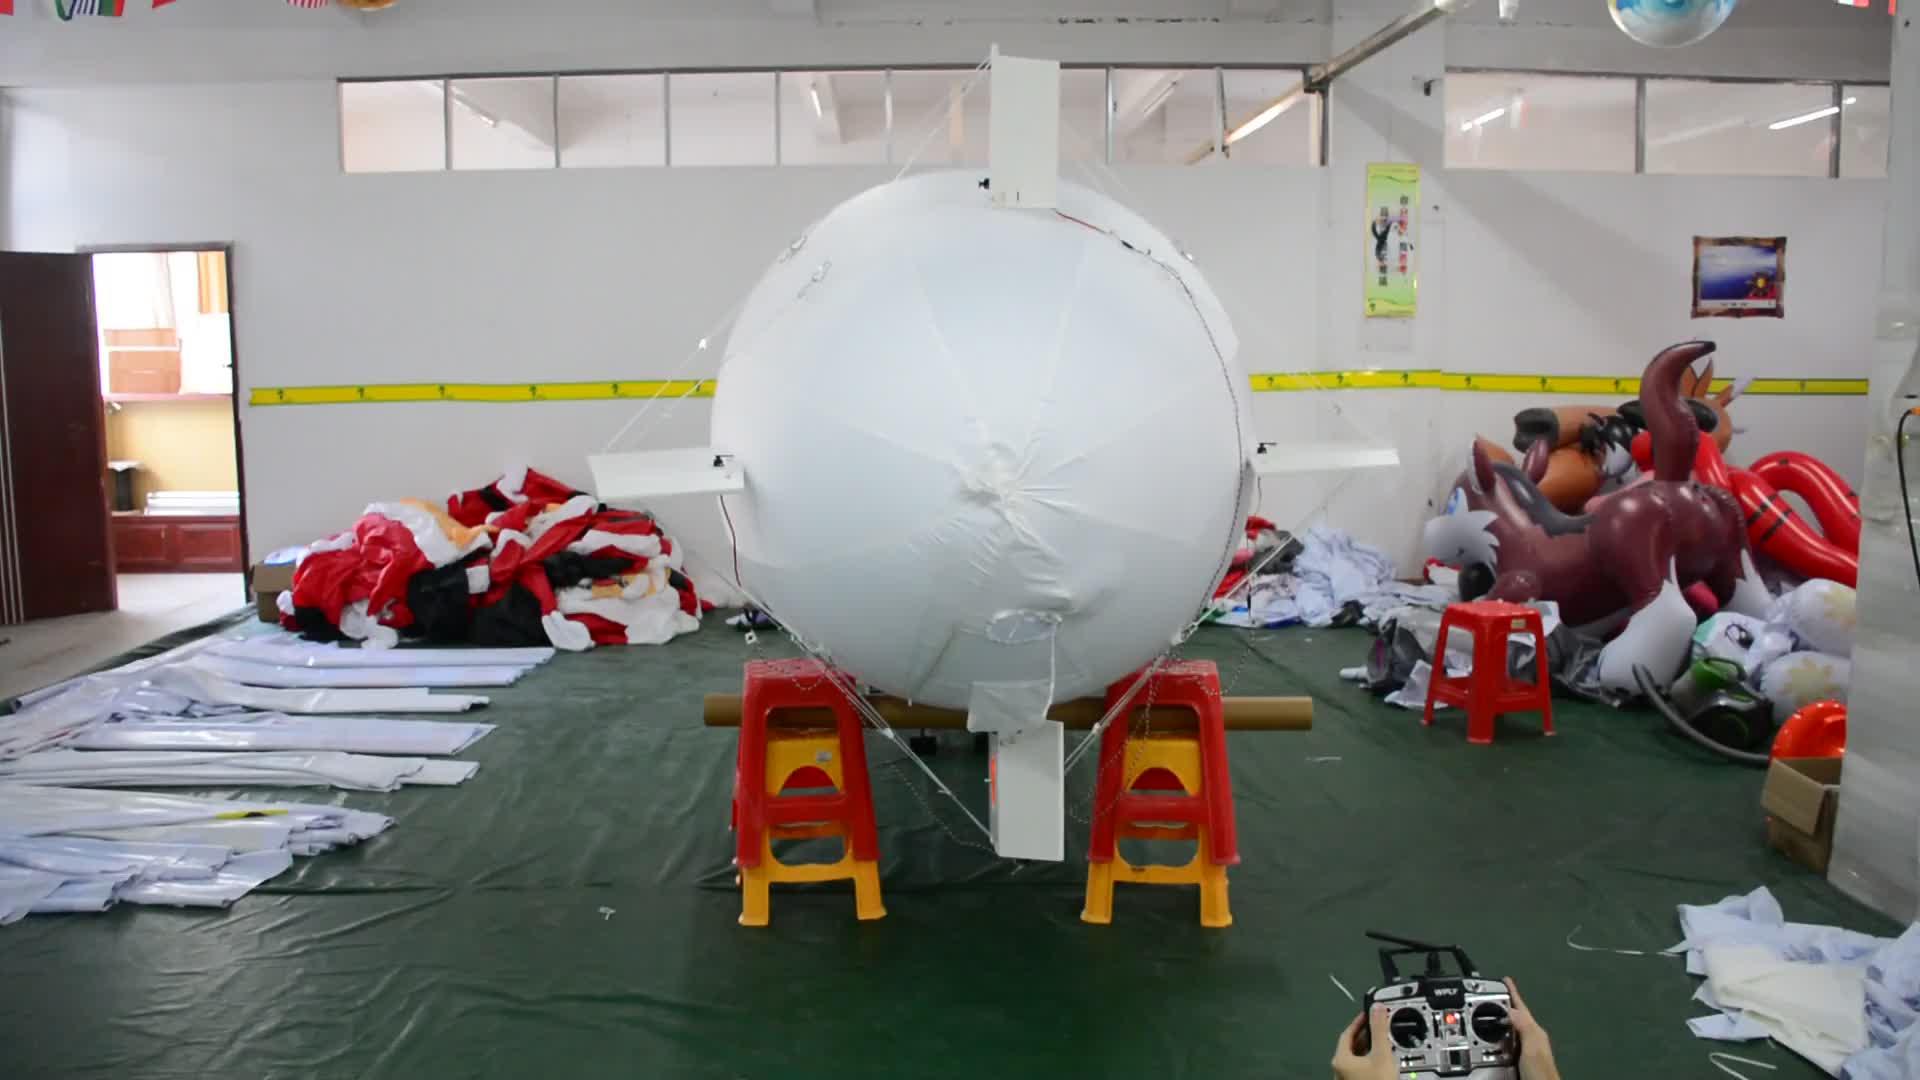 8 m largo gigante al aire libre publicidad helio dirigible RC avión inflable Zeppelin globo